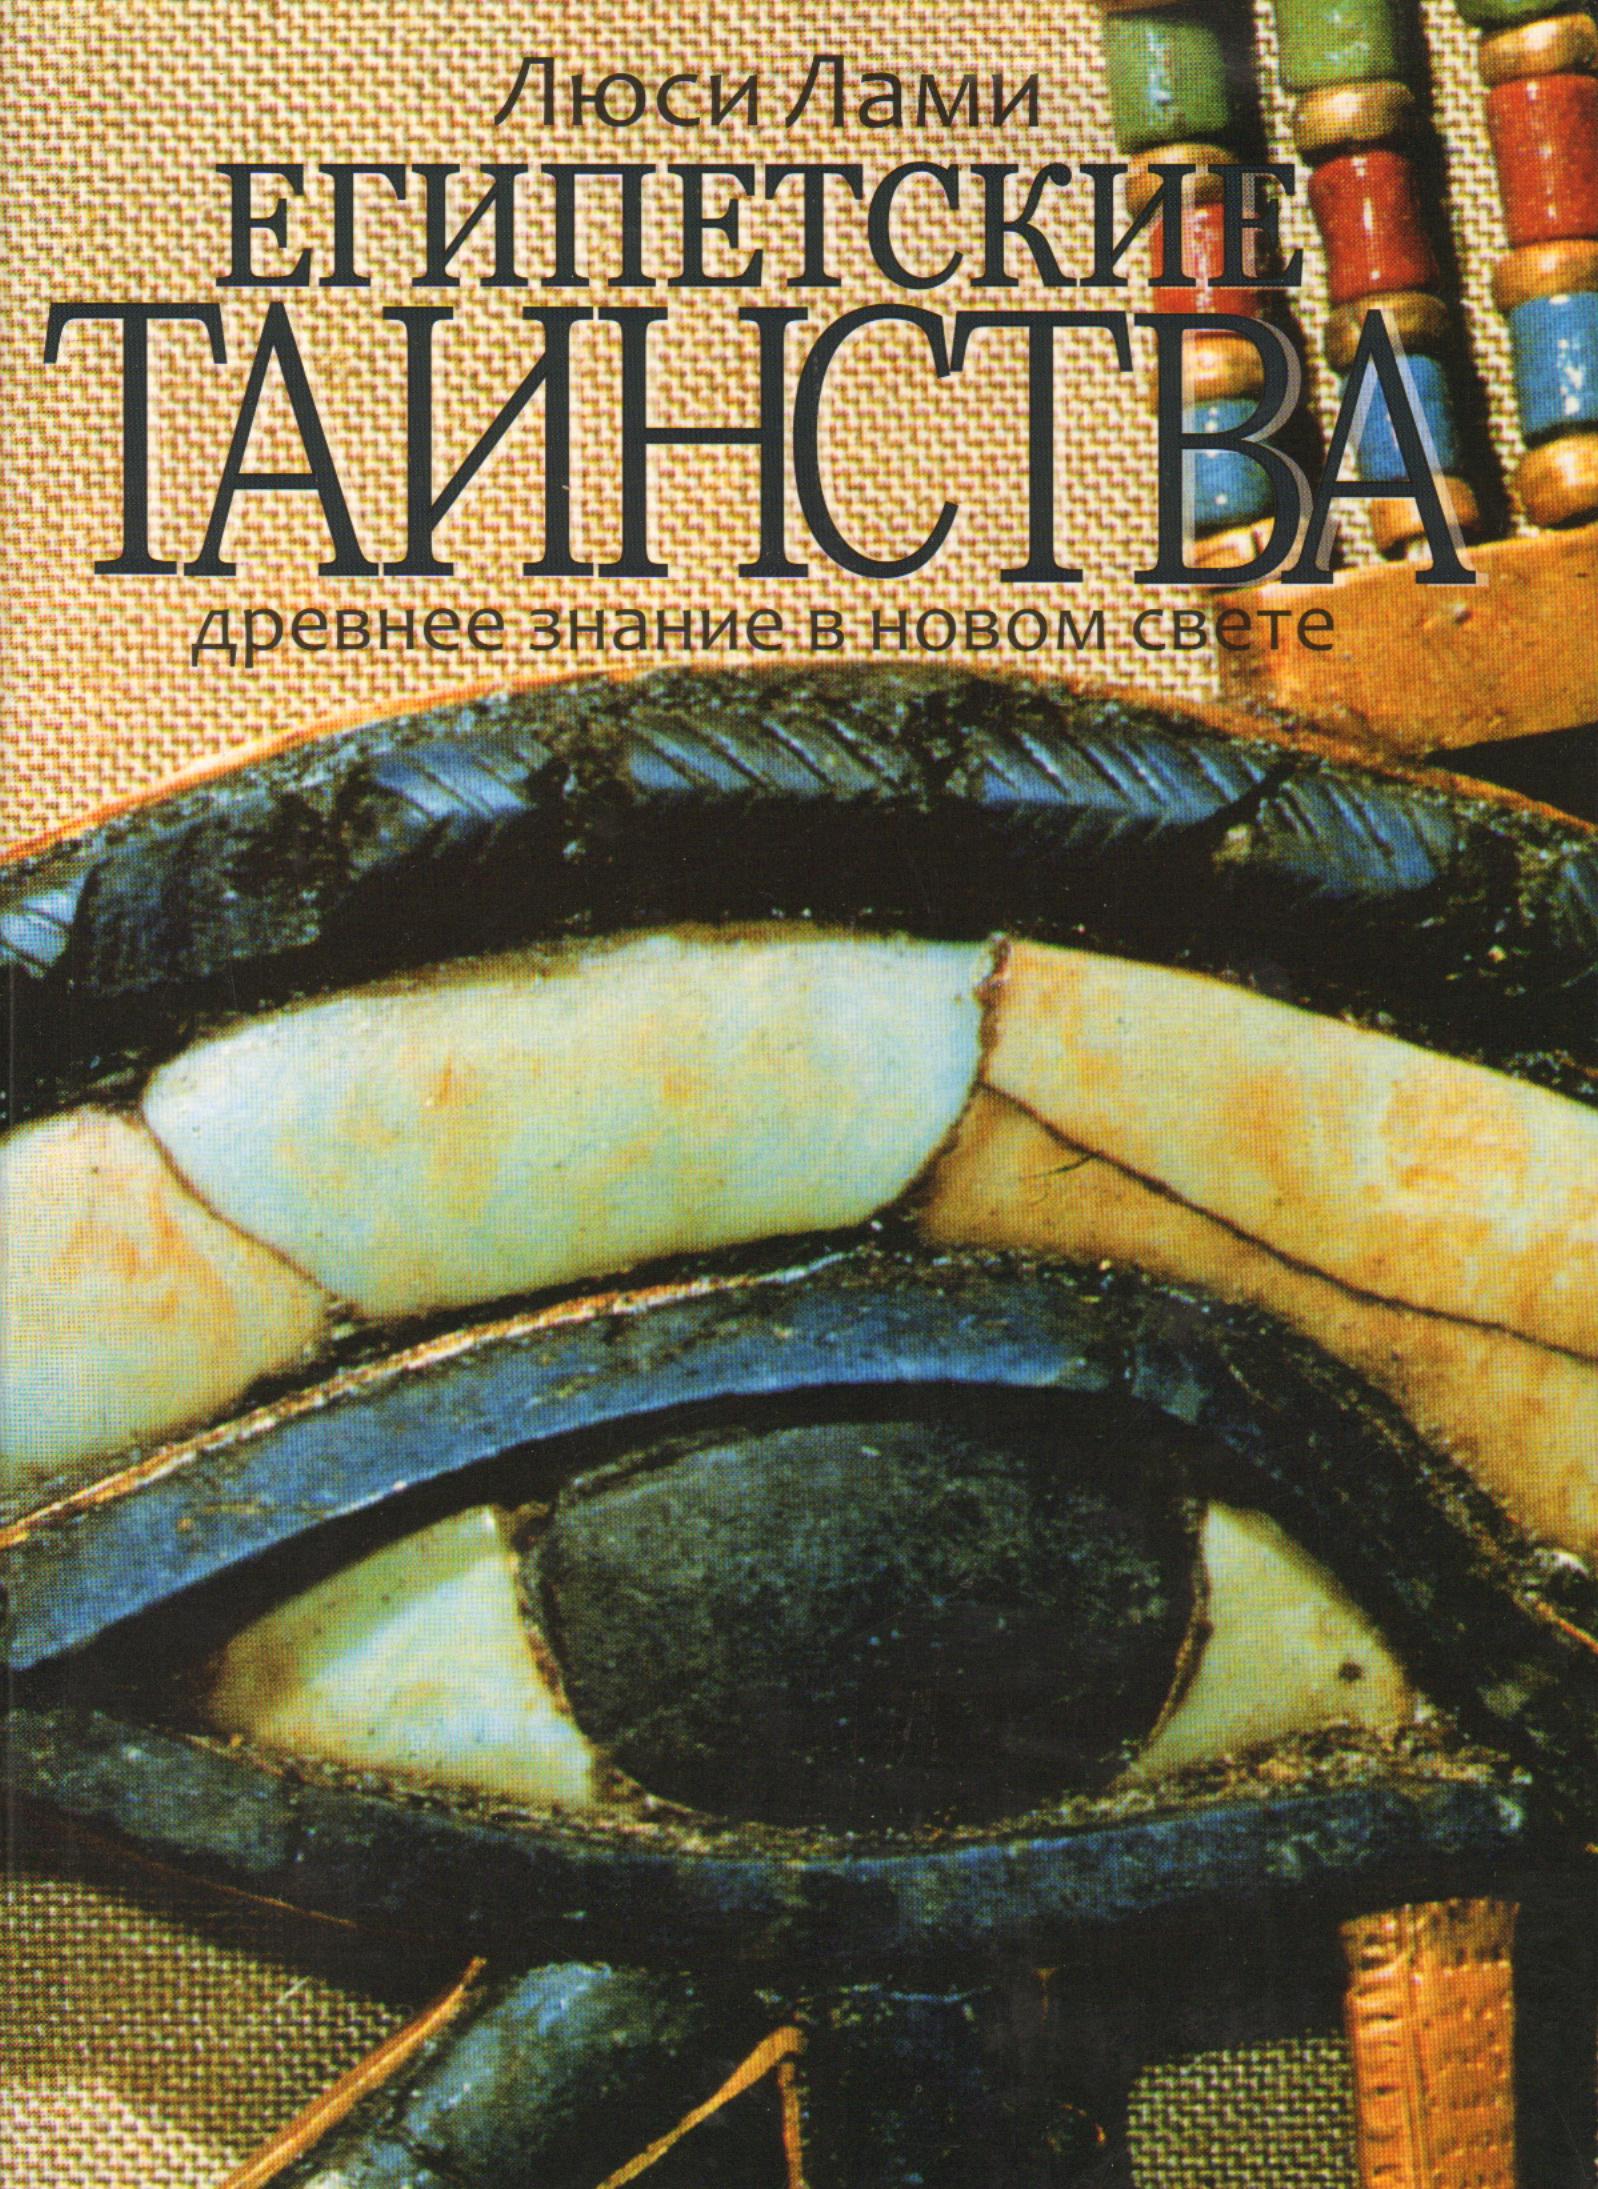 Египетские таинства.Древнее знание в новом свете